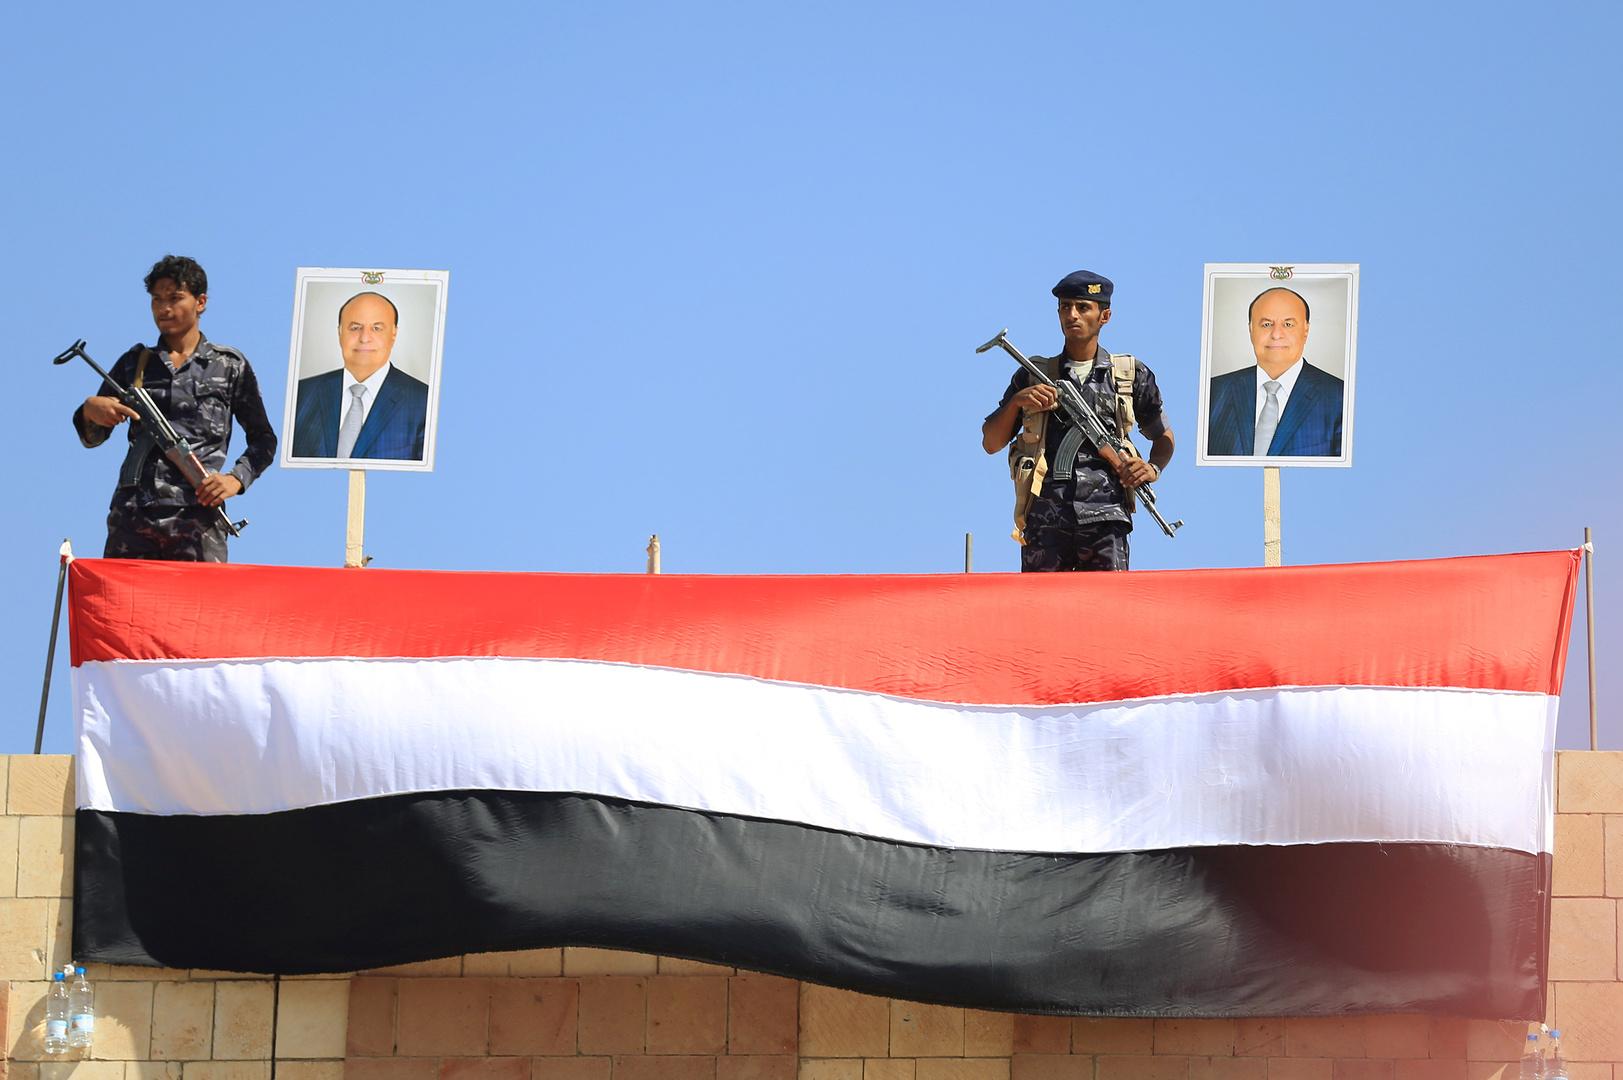 الحكومة اليمنية: مقتل 8 أشخاص جراء قصف على موقع صناعي في الحديدة